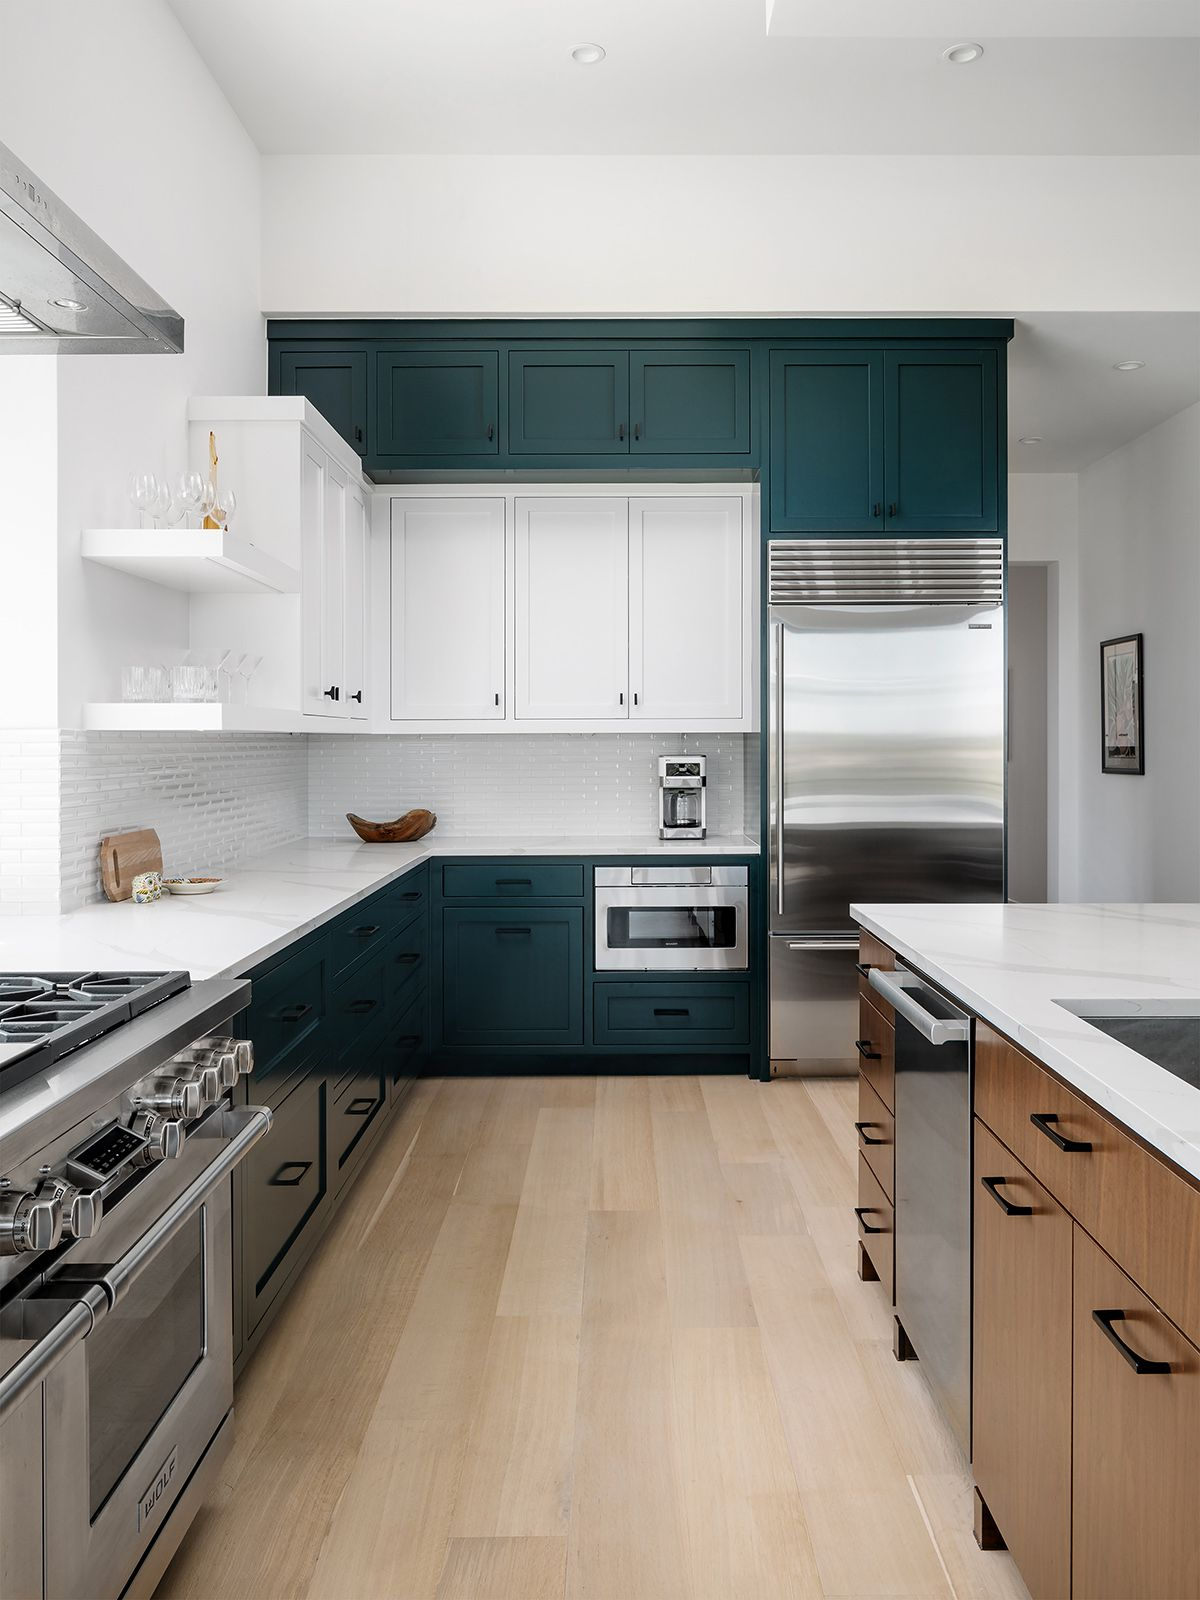 Amarra Kitchen In 2020 Kitchen Design Modern Kitchen House Interior